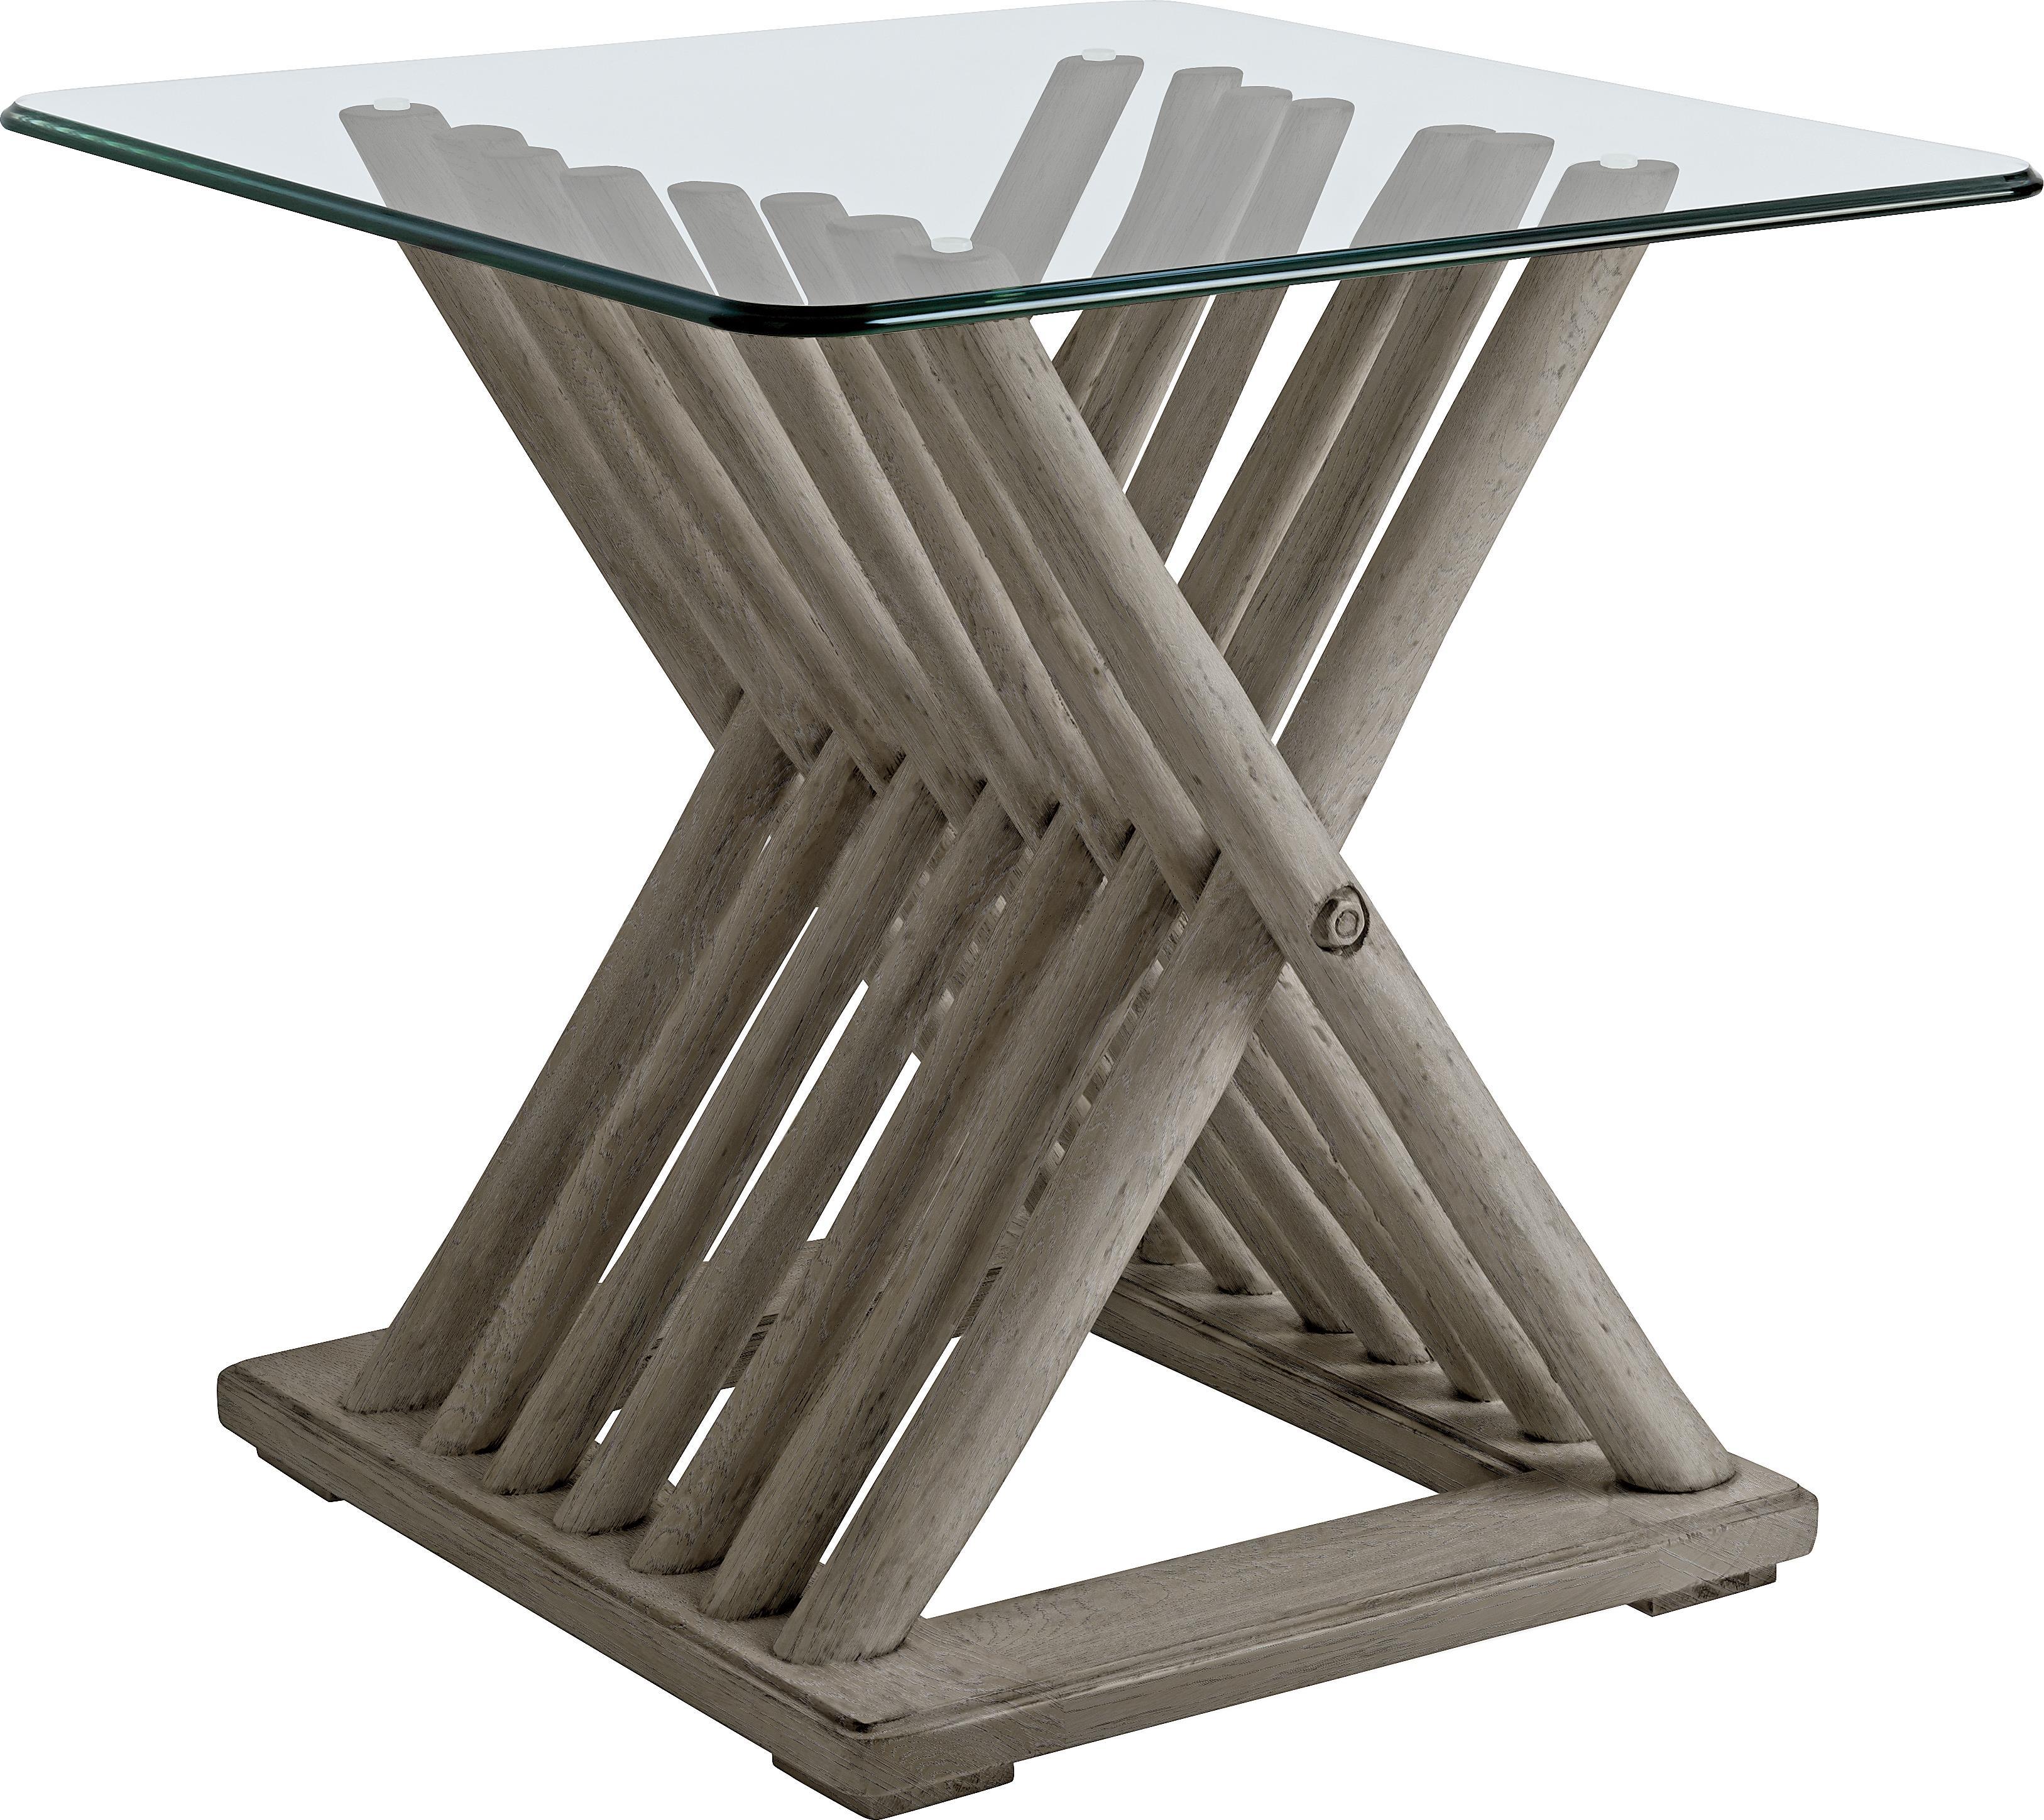 Stanley Furniture Coastal Living Resort Driftwood Flats End Table - Item Number: 062-C5-14